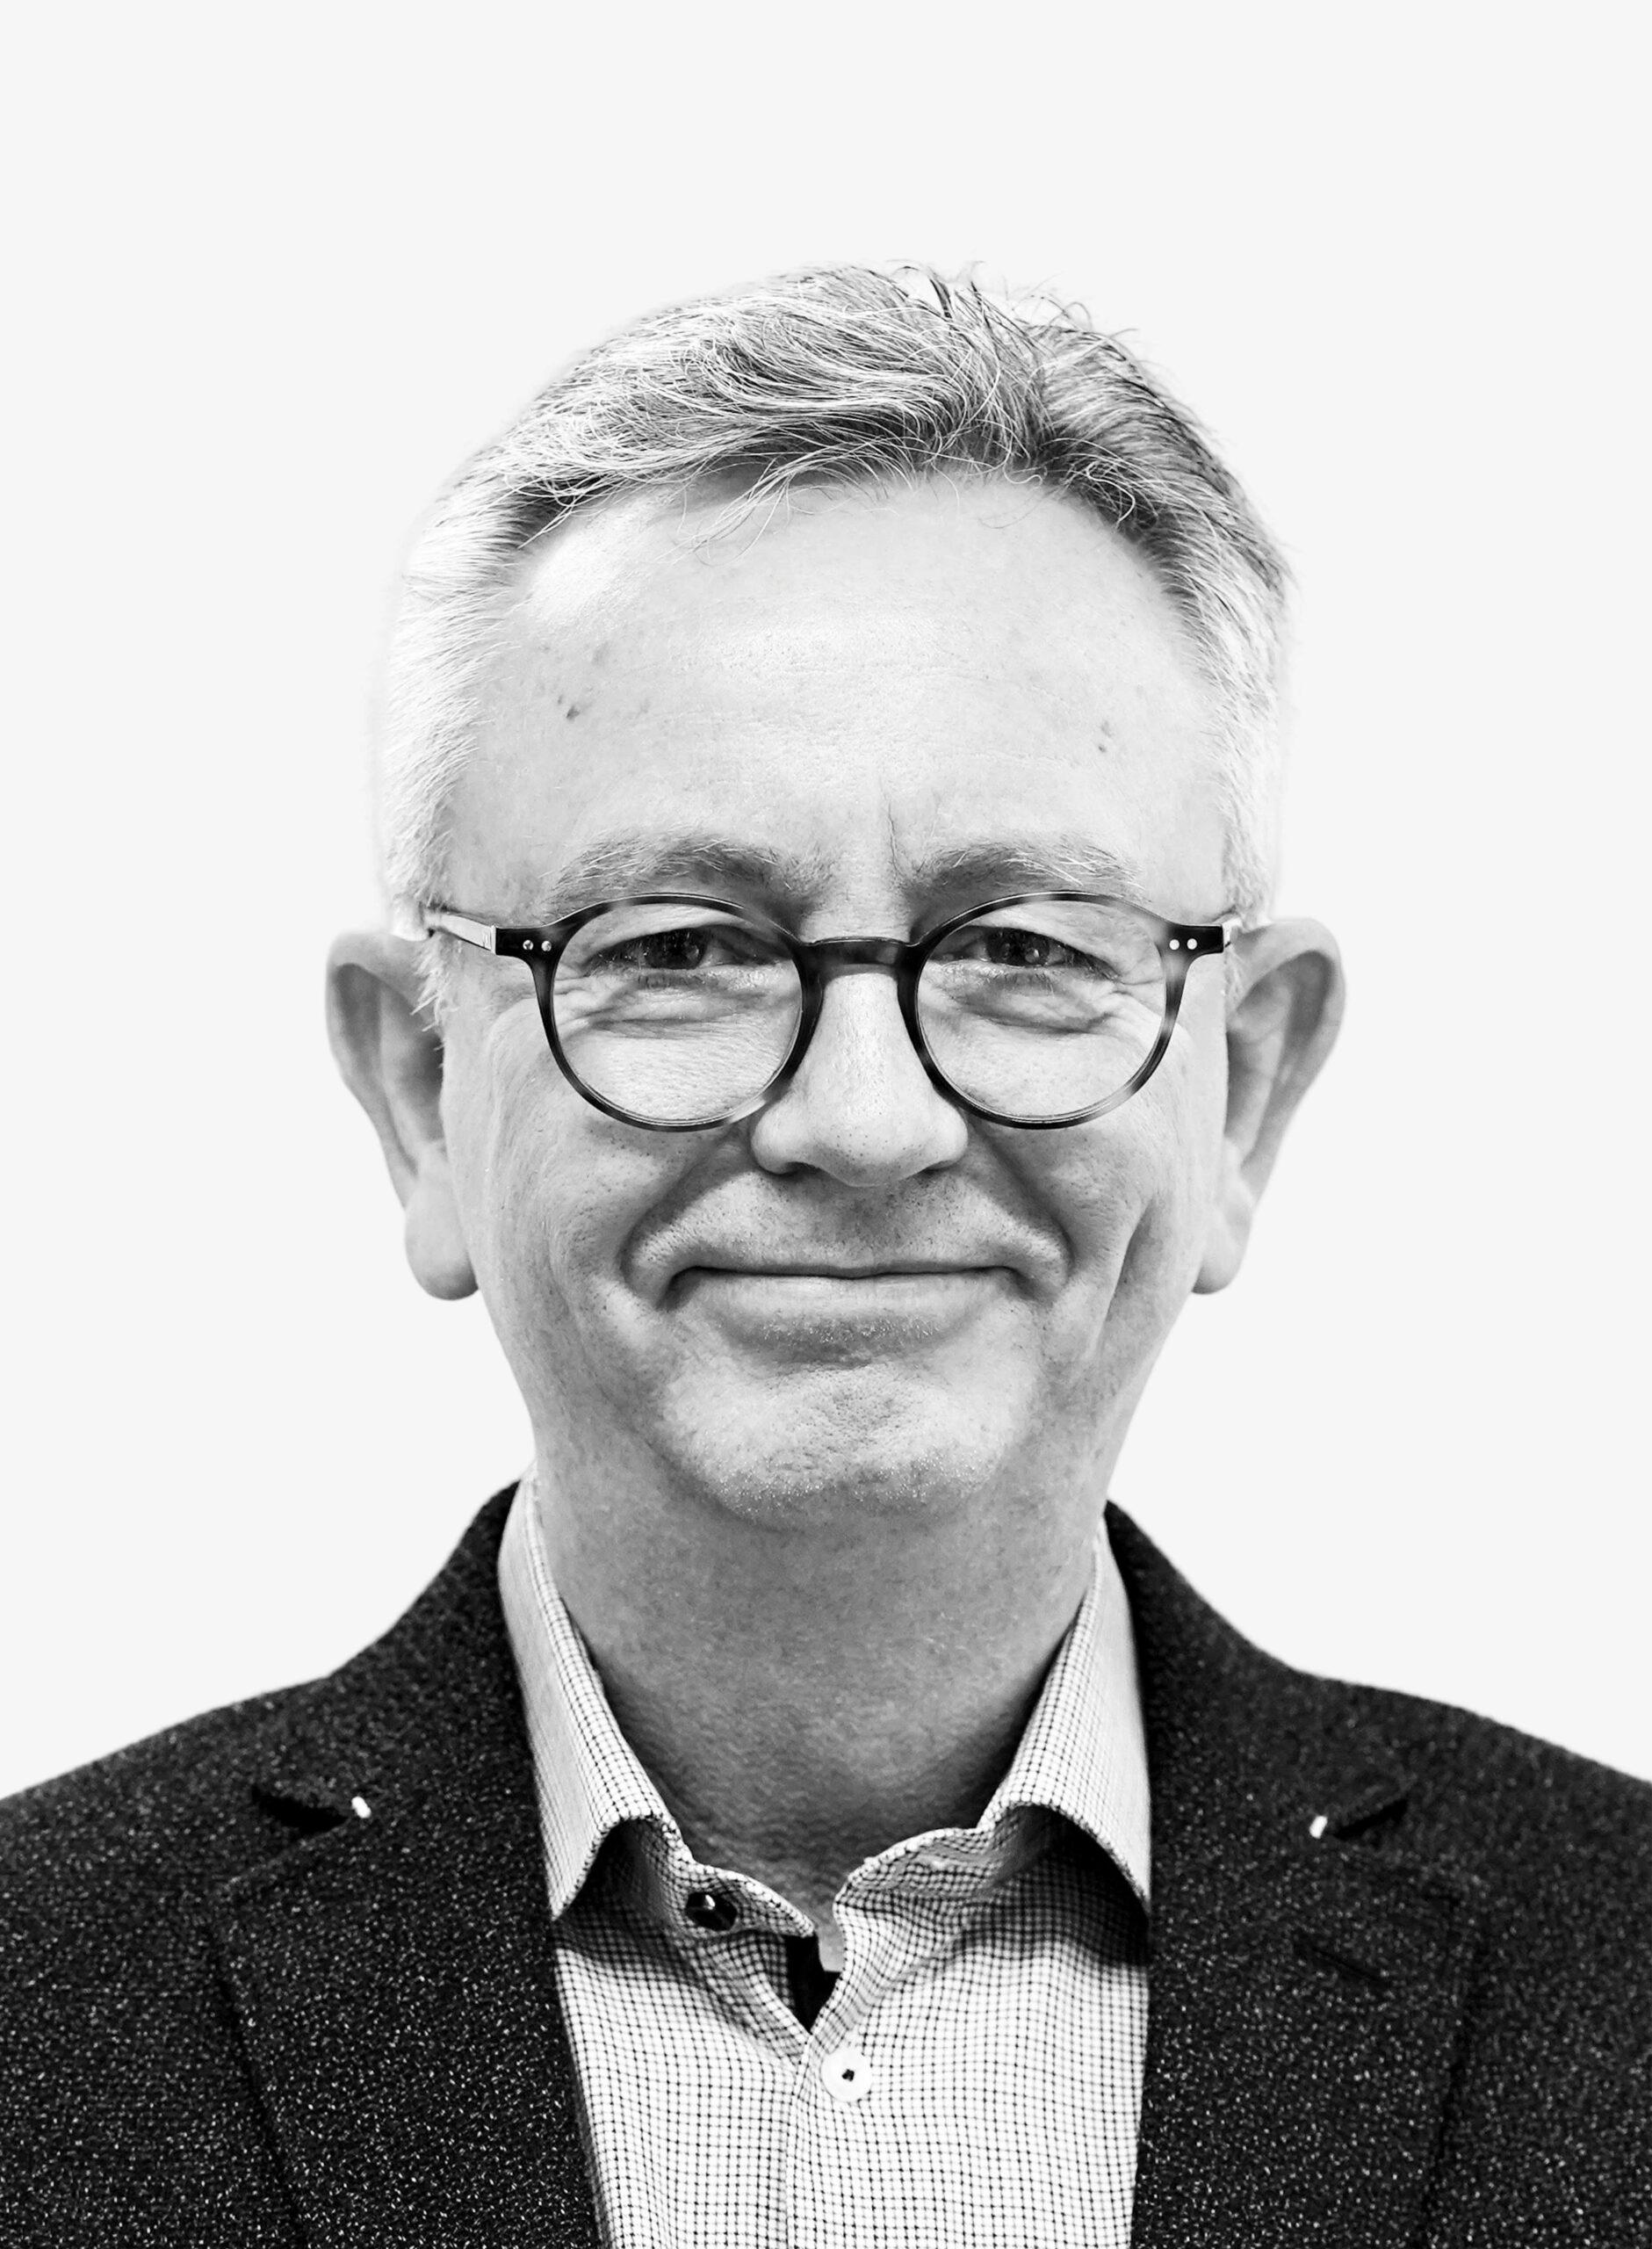 Peter van Eendenburg